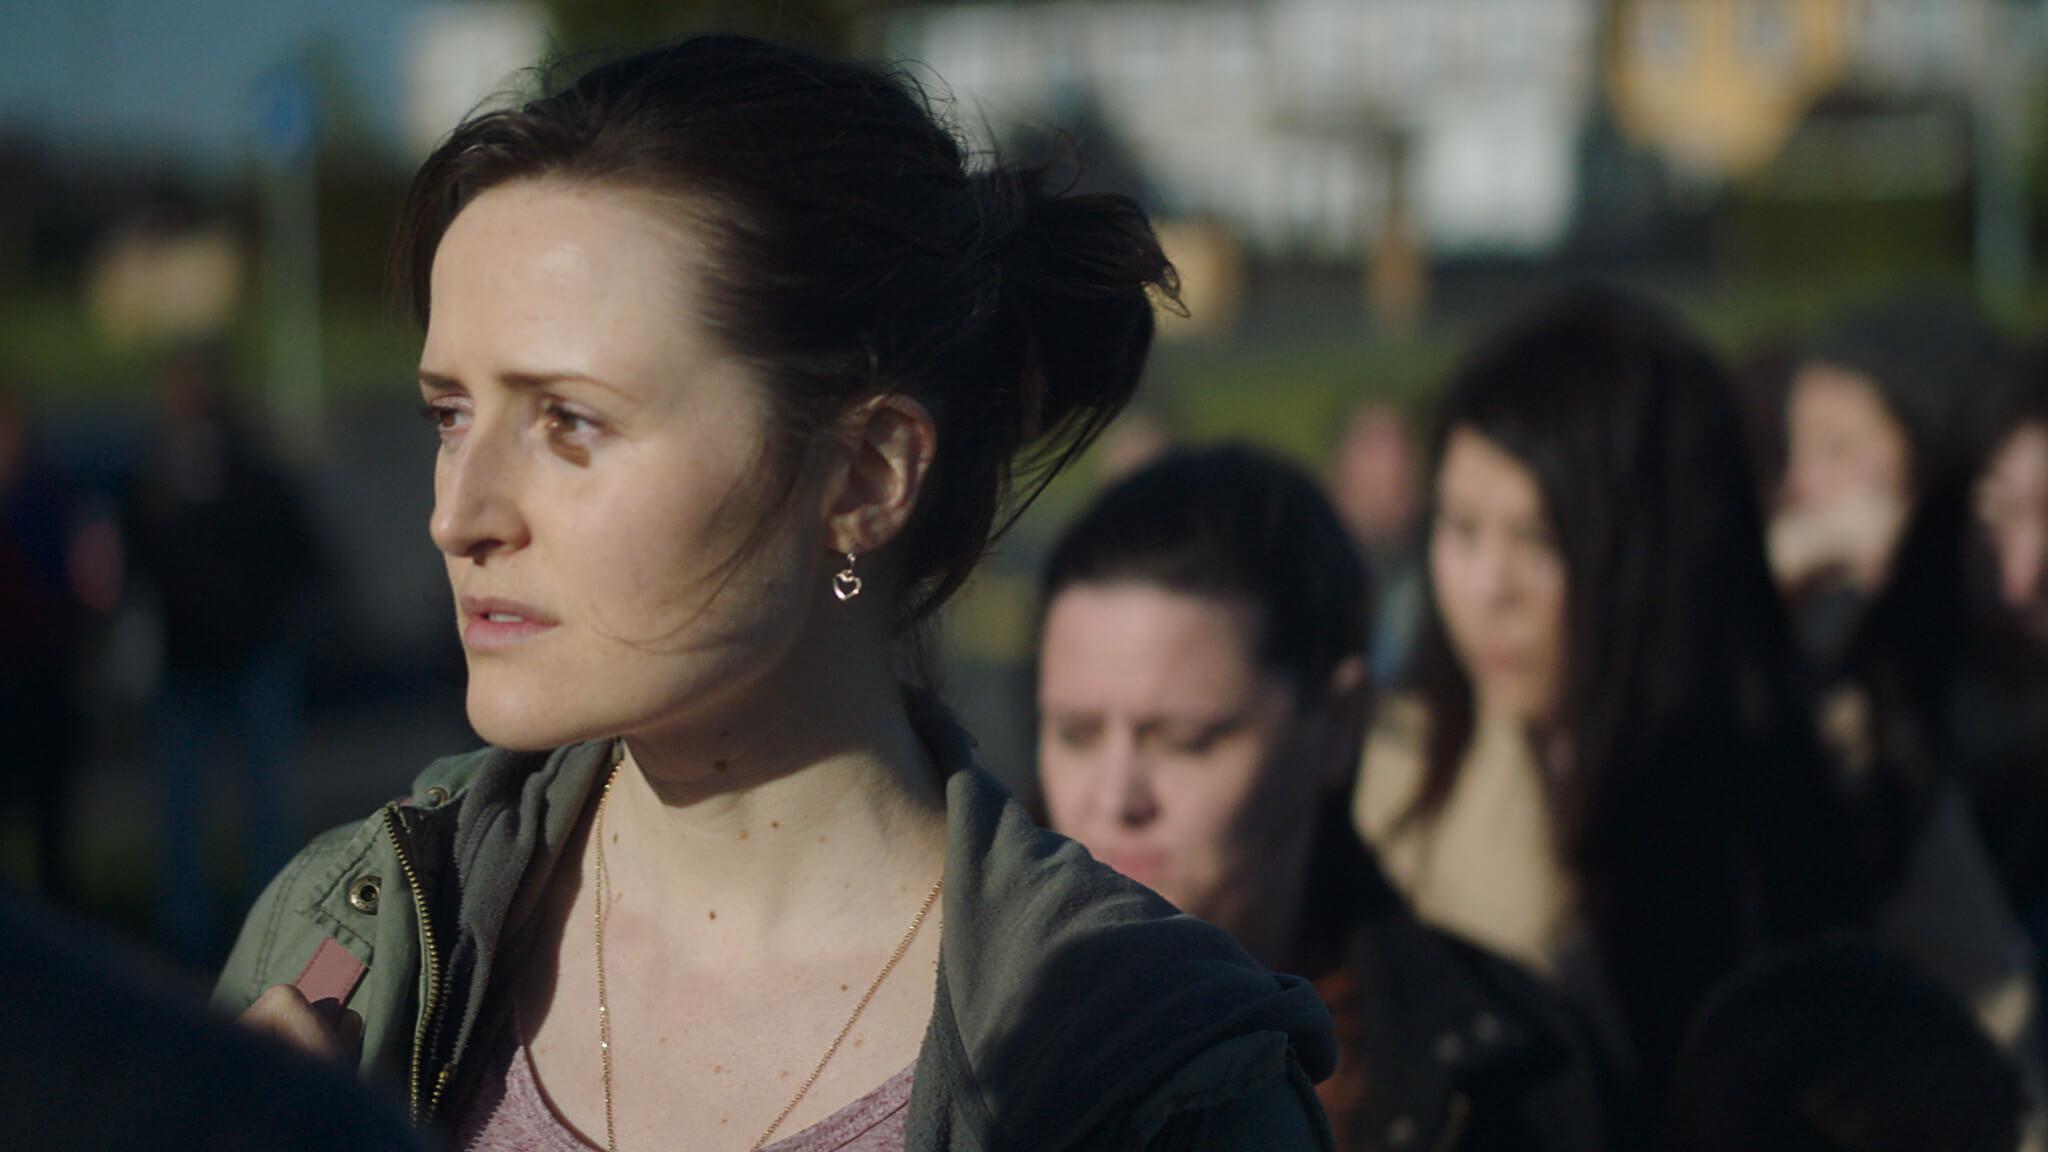 herself_movie-2020-Phyllida-Lloyd